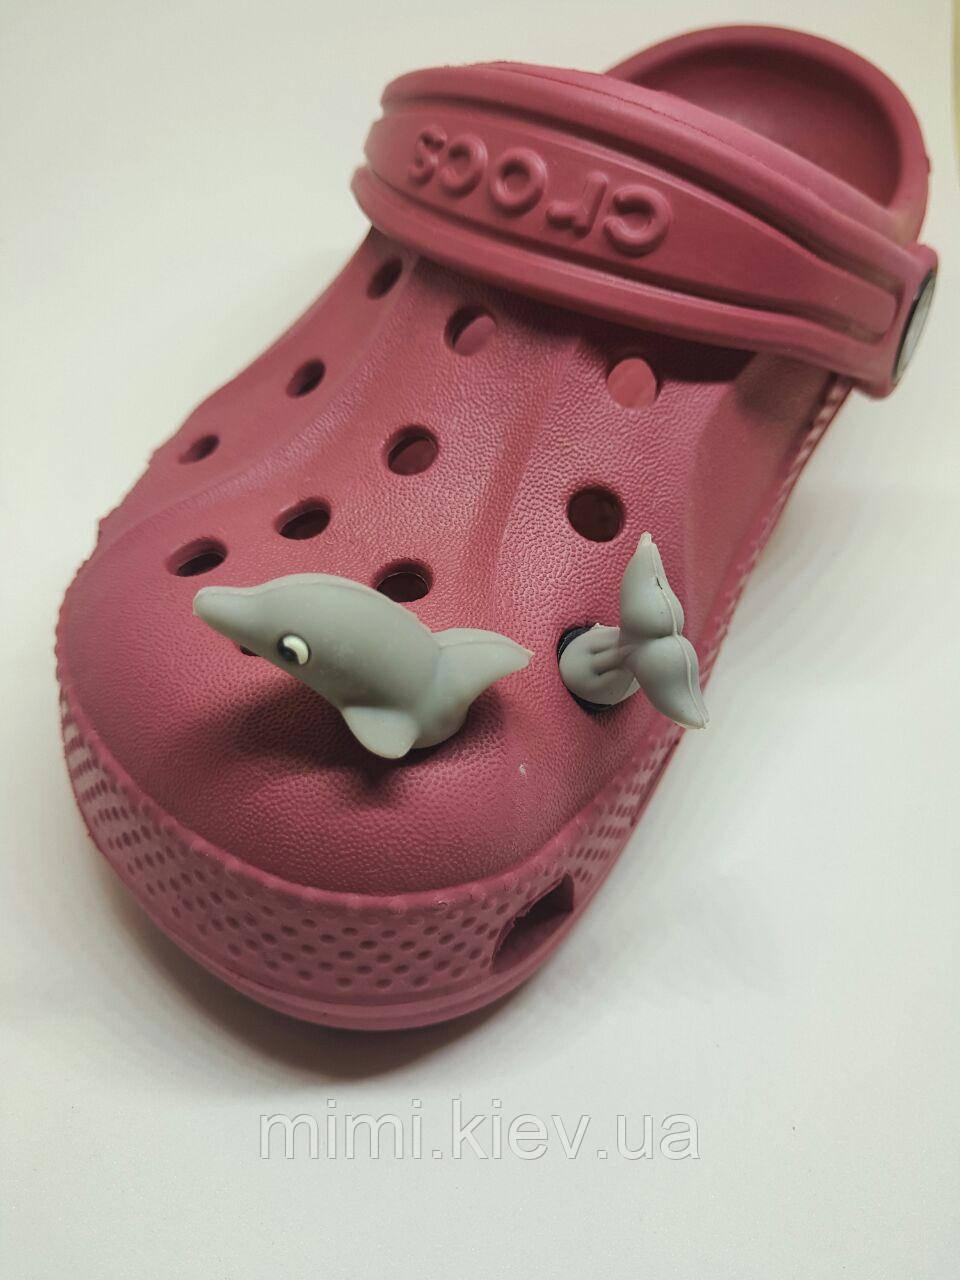 Джибитсы для Crocs Акула